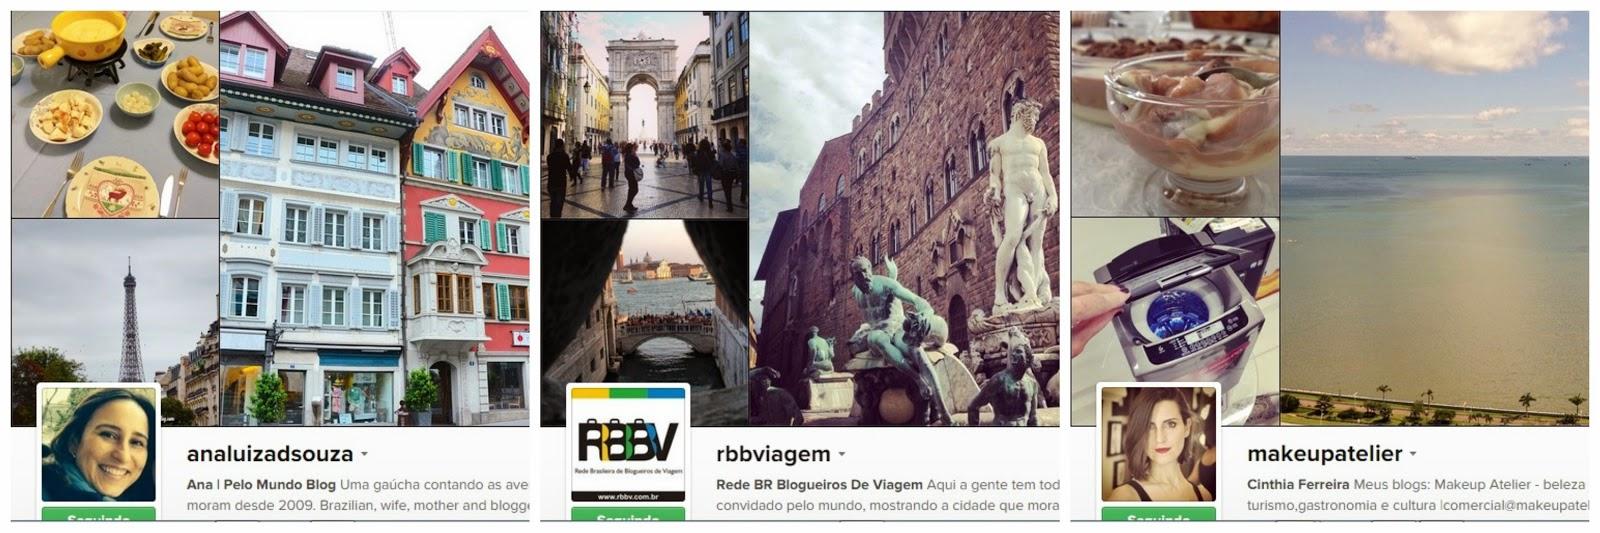 Instagrams de viagem que recomendo